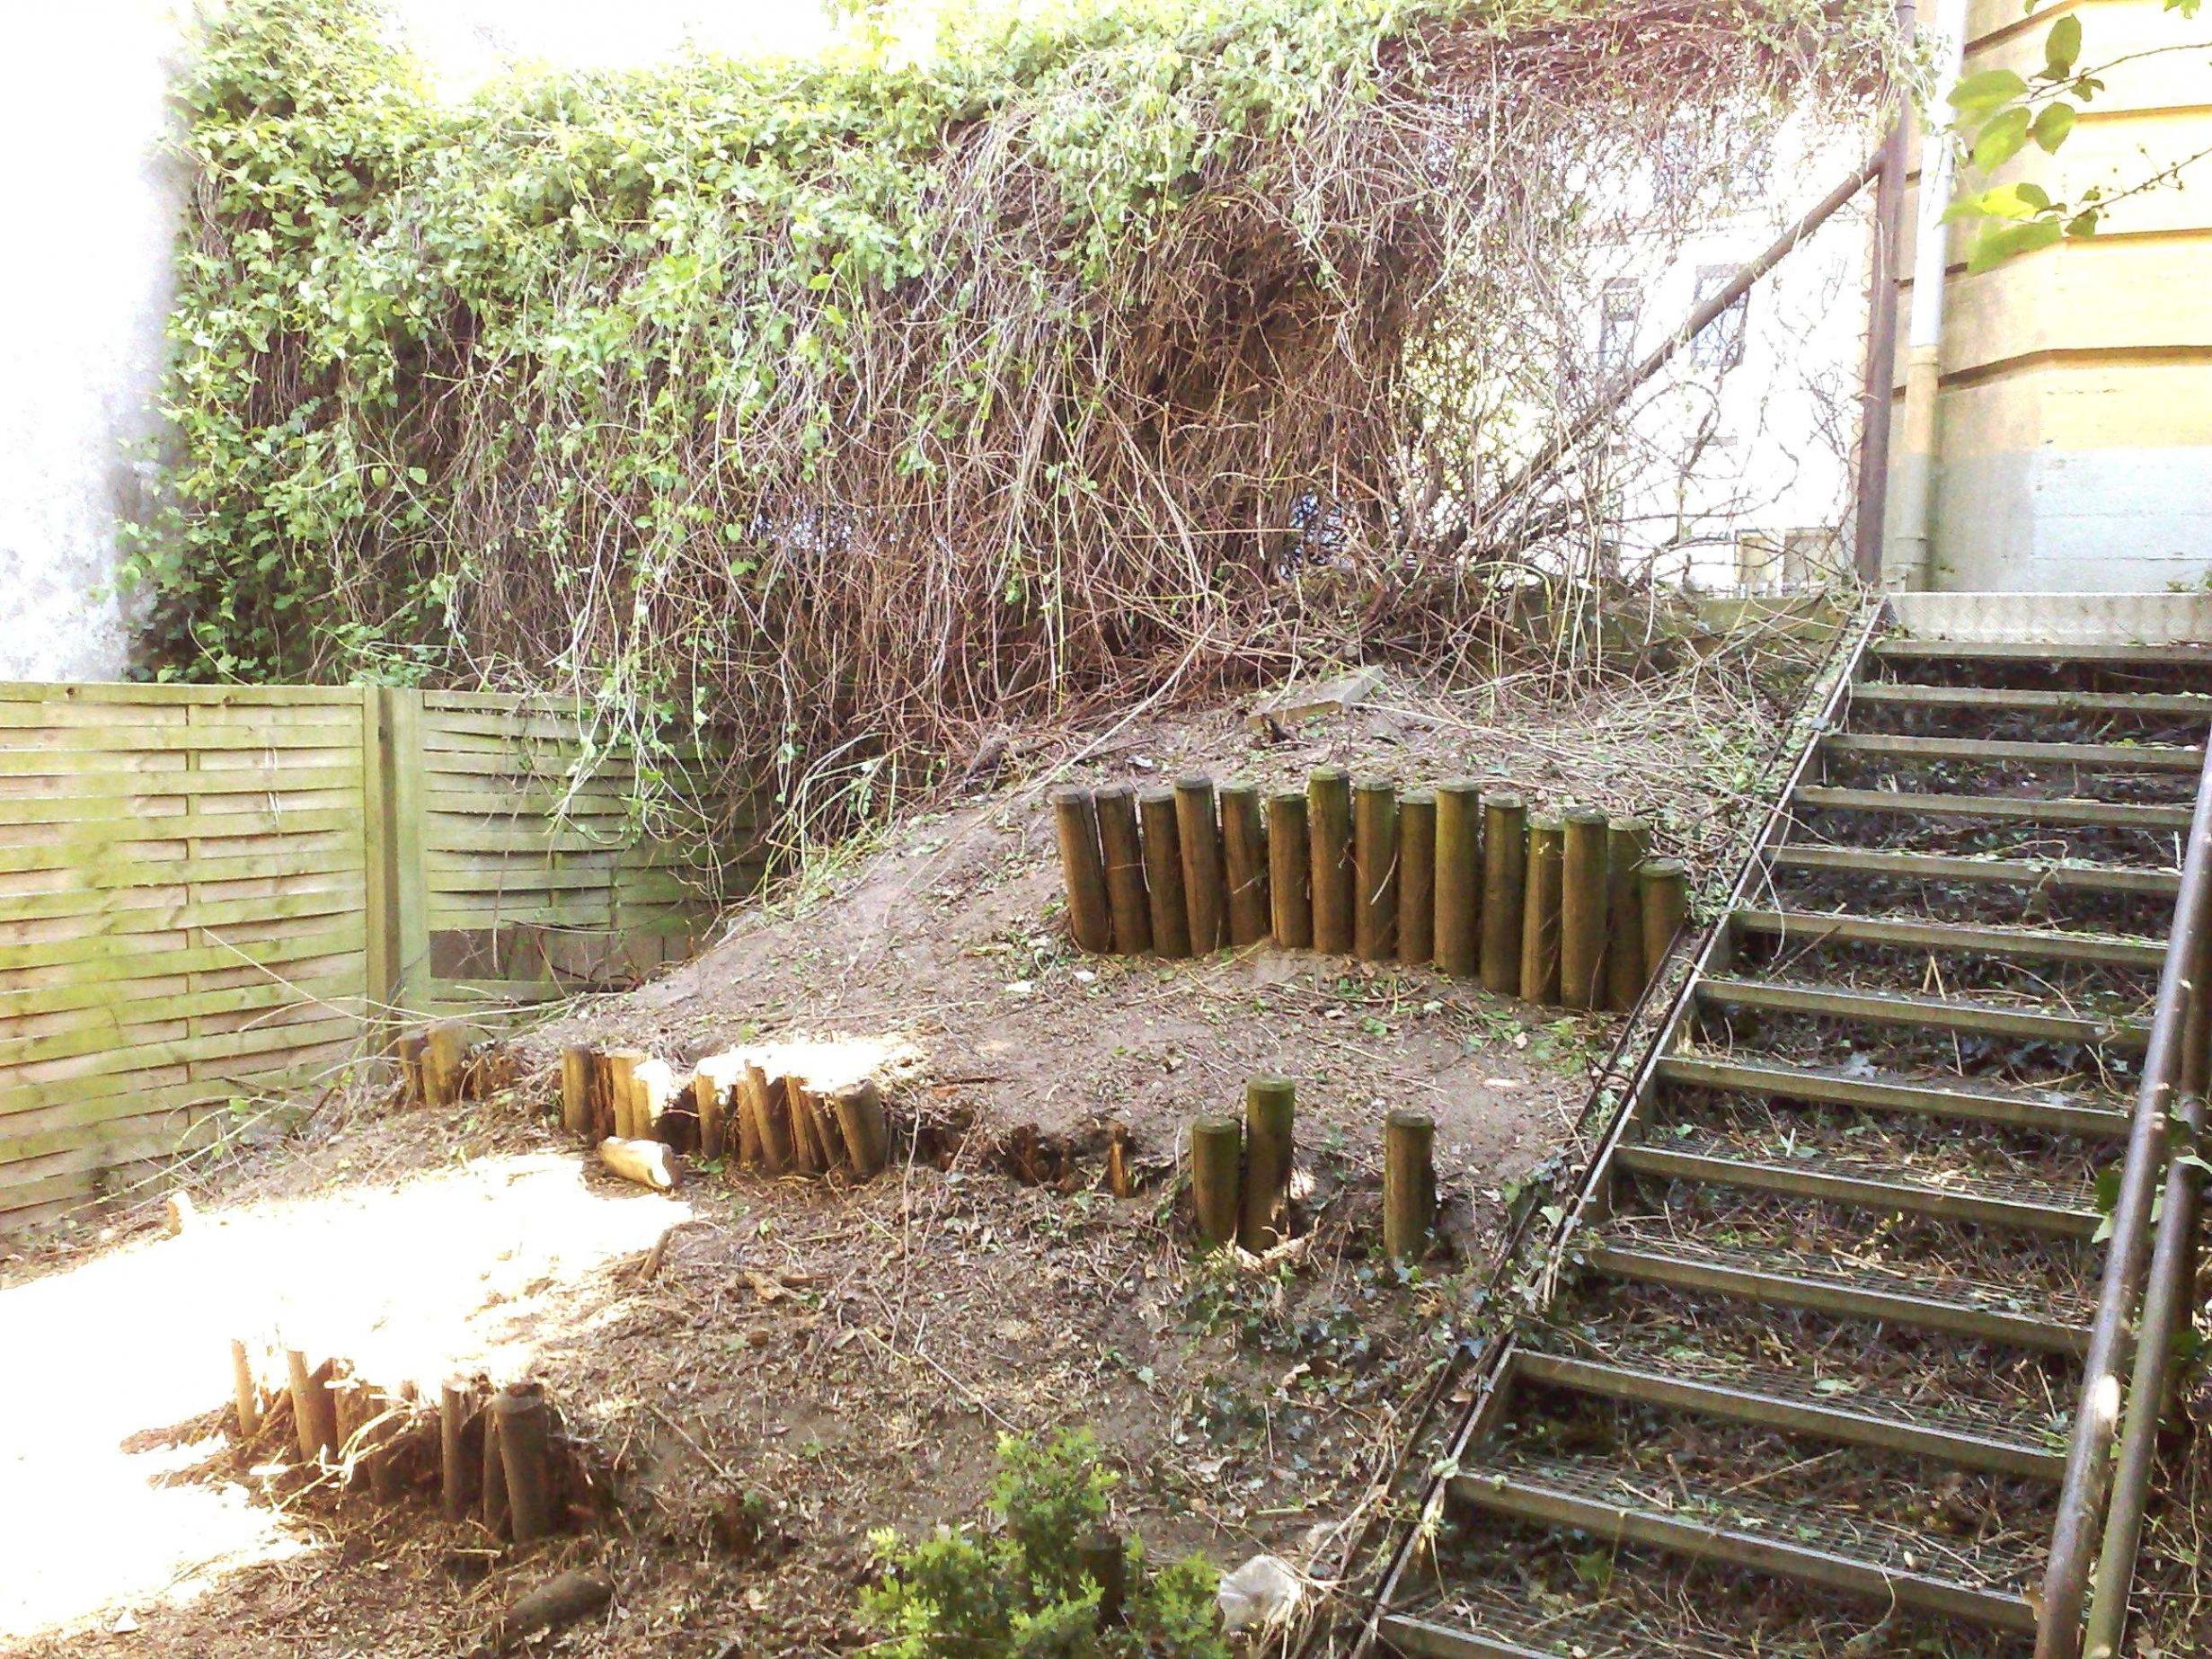 sichtschutz garten terrasse beste schiebegardine blumenrispe i 0d garten sichtschutz pflanzen garten sichtschutz pflanzen